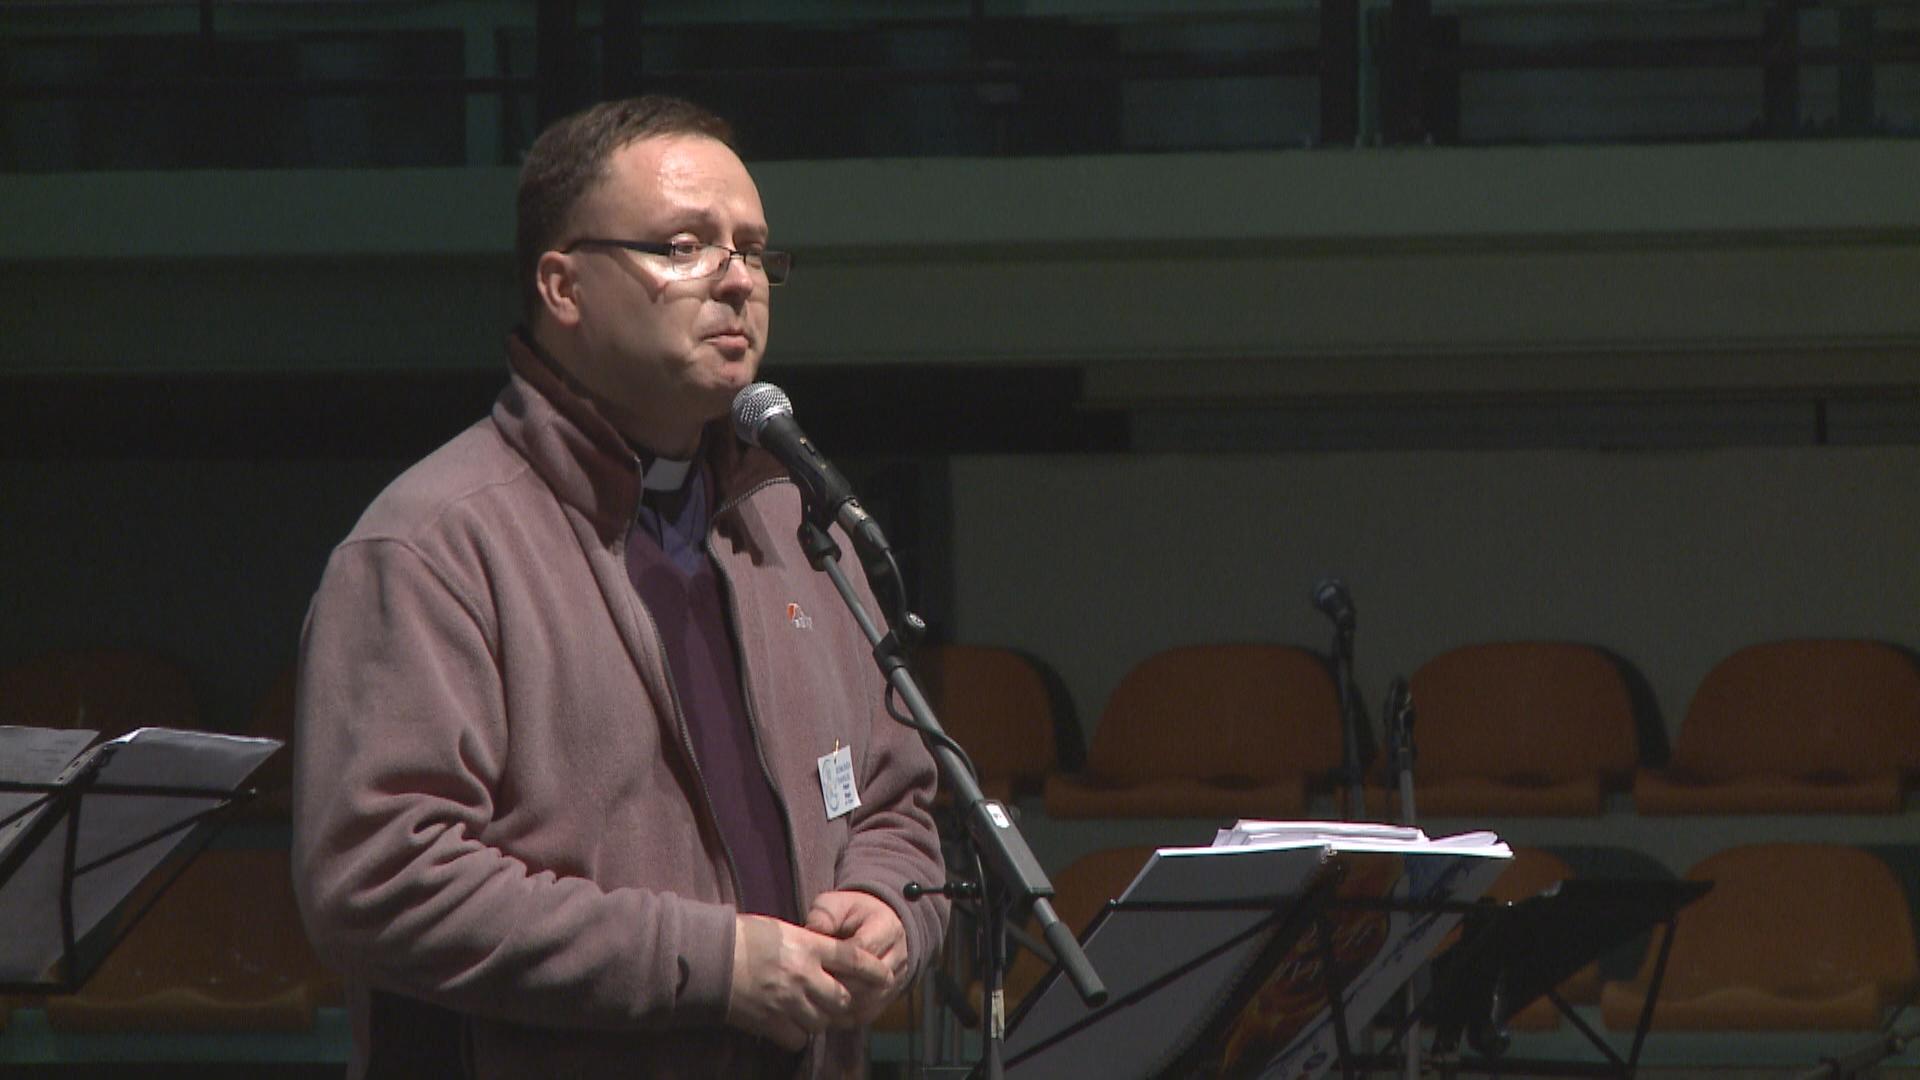 Peter Repa, Martin Harčár: Modlitba vo viacdetnej rodine